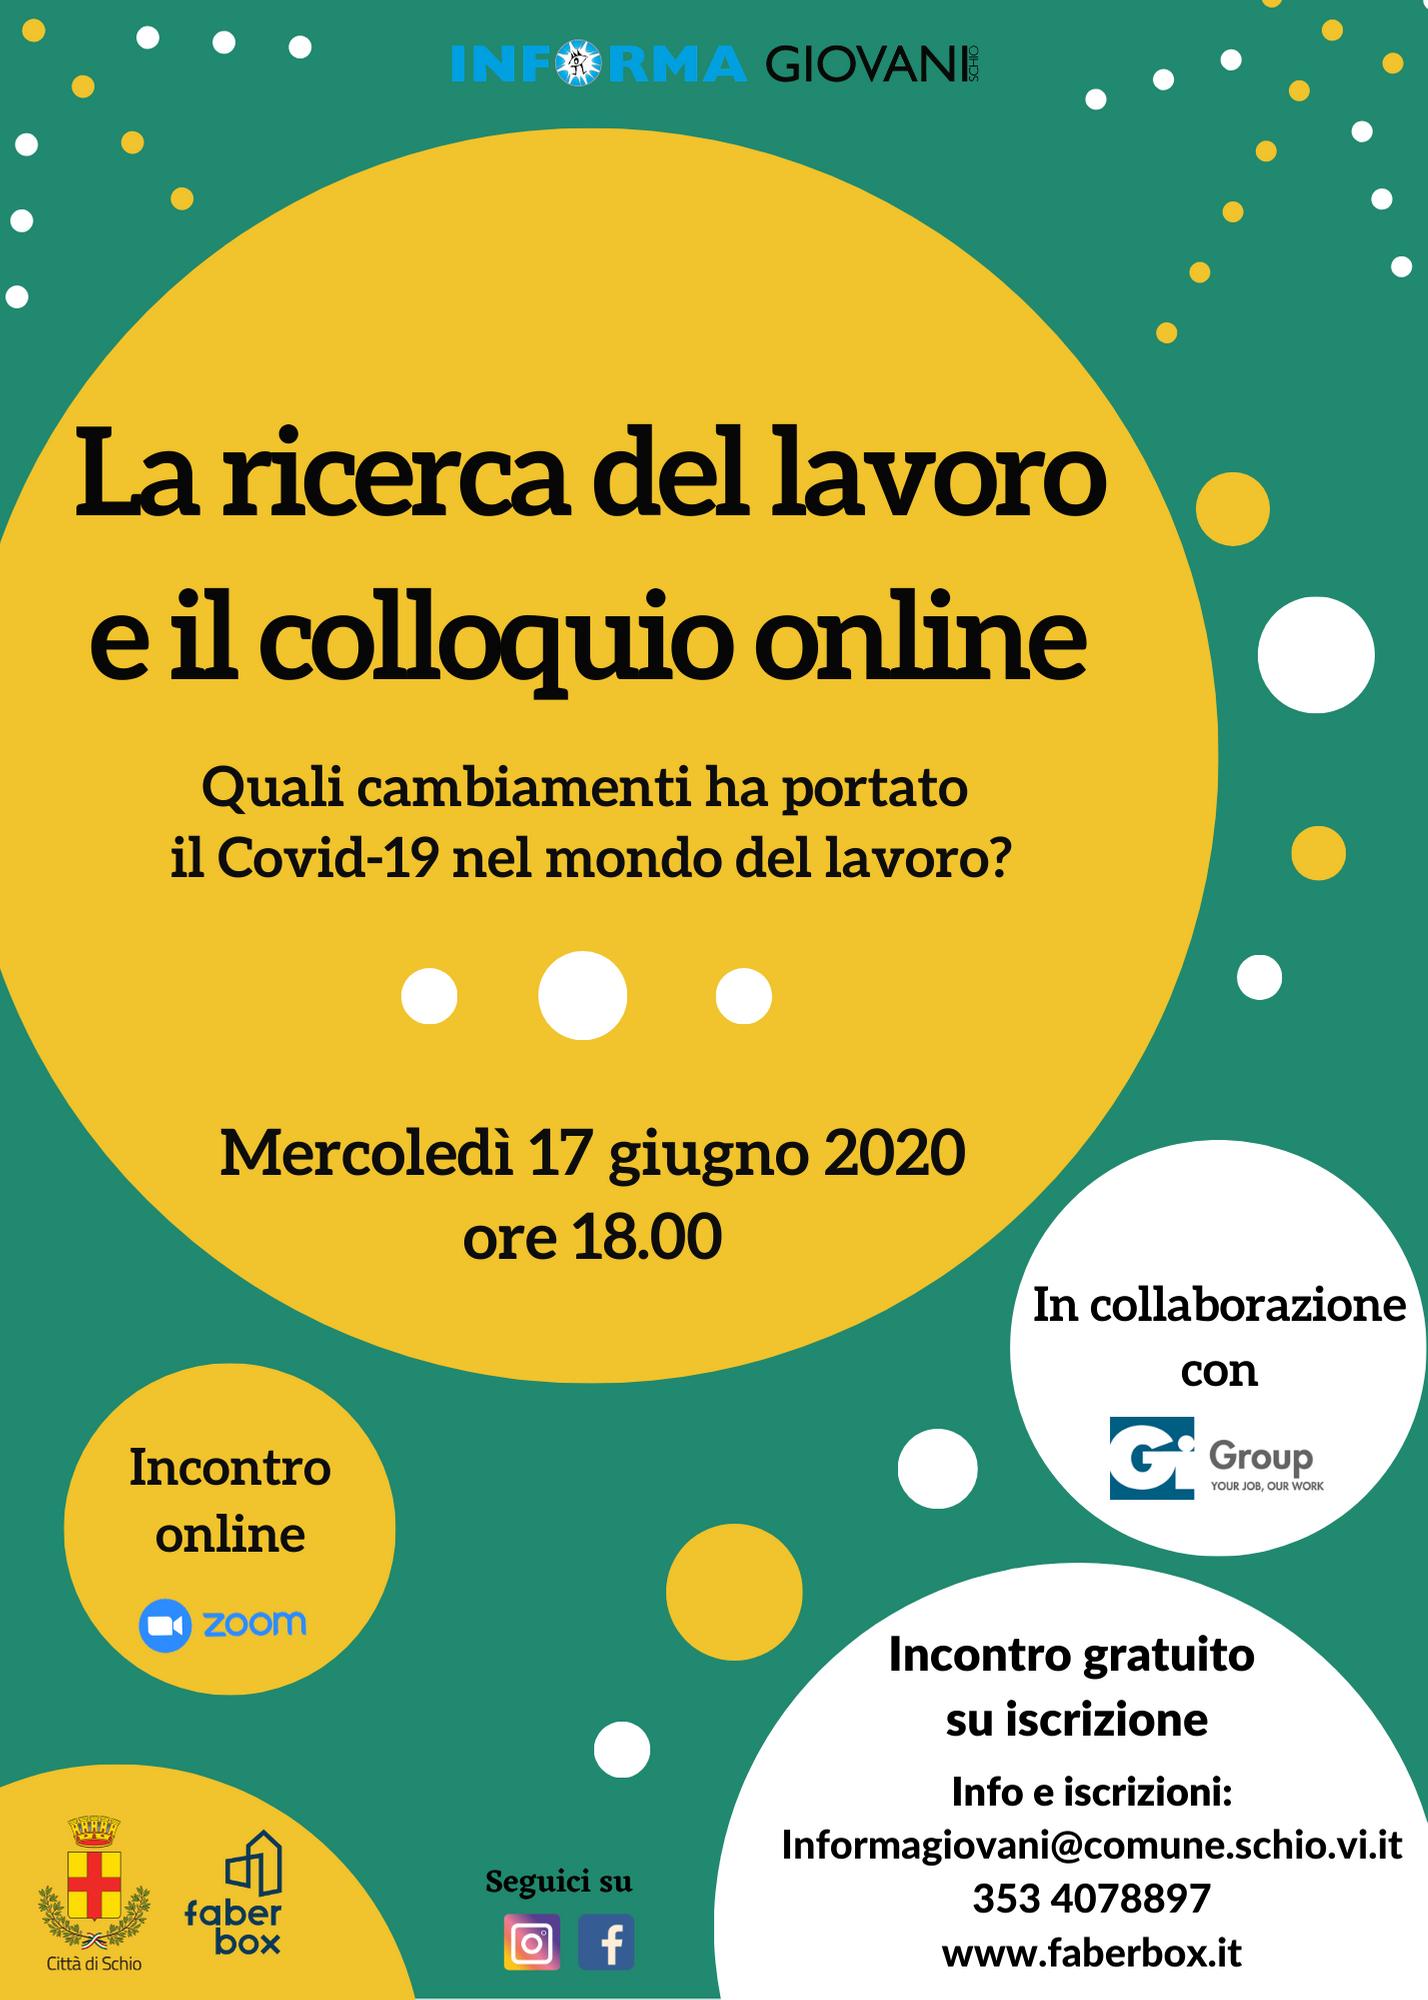 Incontro online: La ricerca del lavoro e il colloquio online